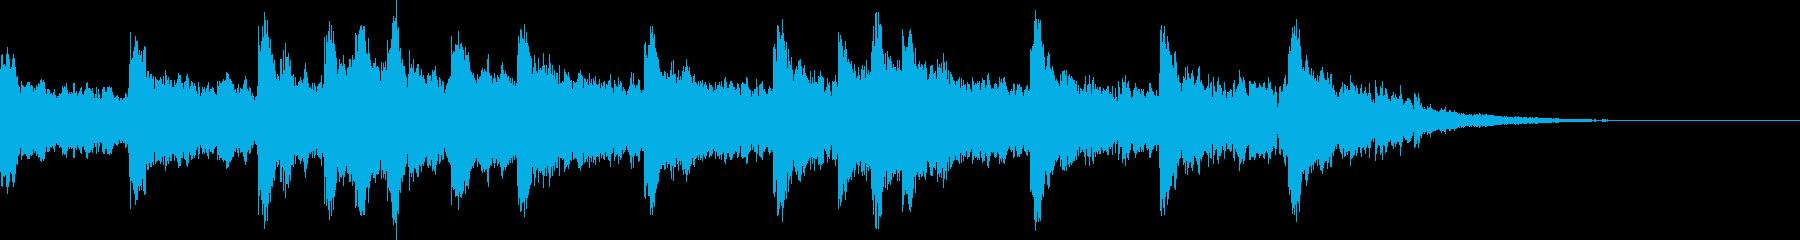 中国歴史、二胡、琵琶の音。の再生済みの波形